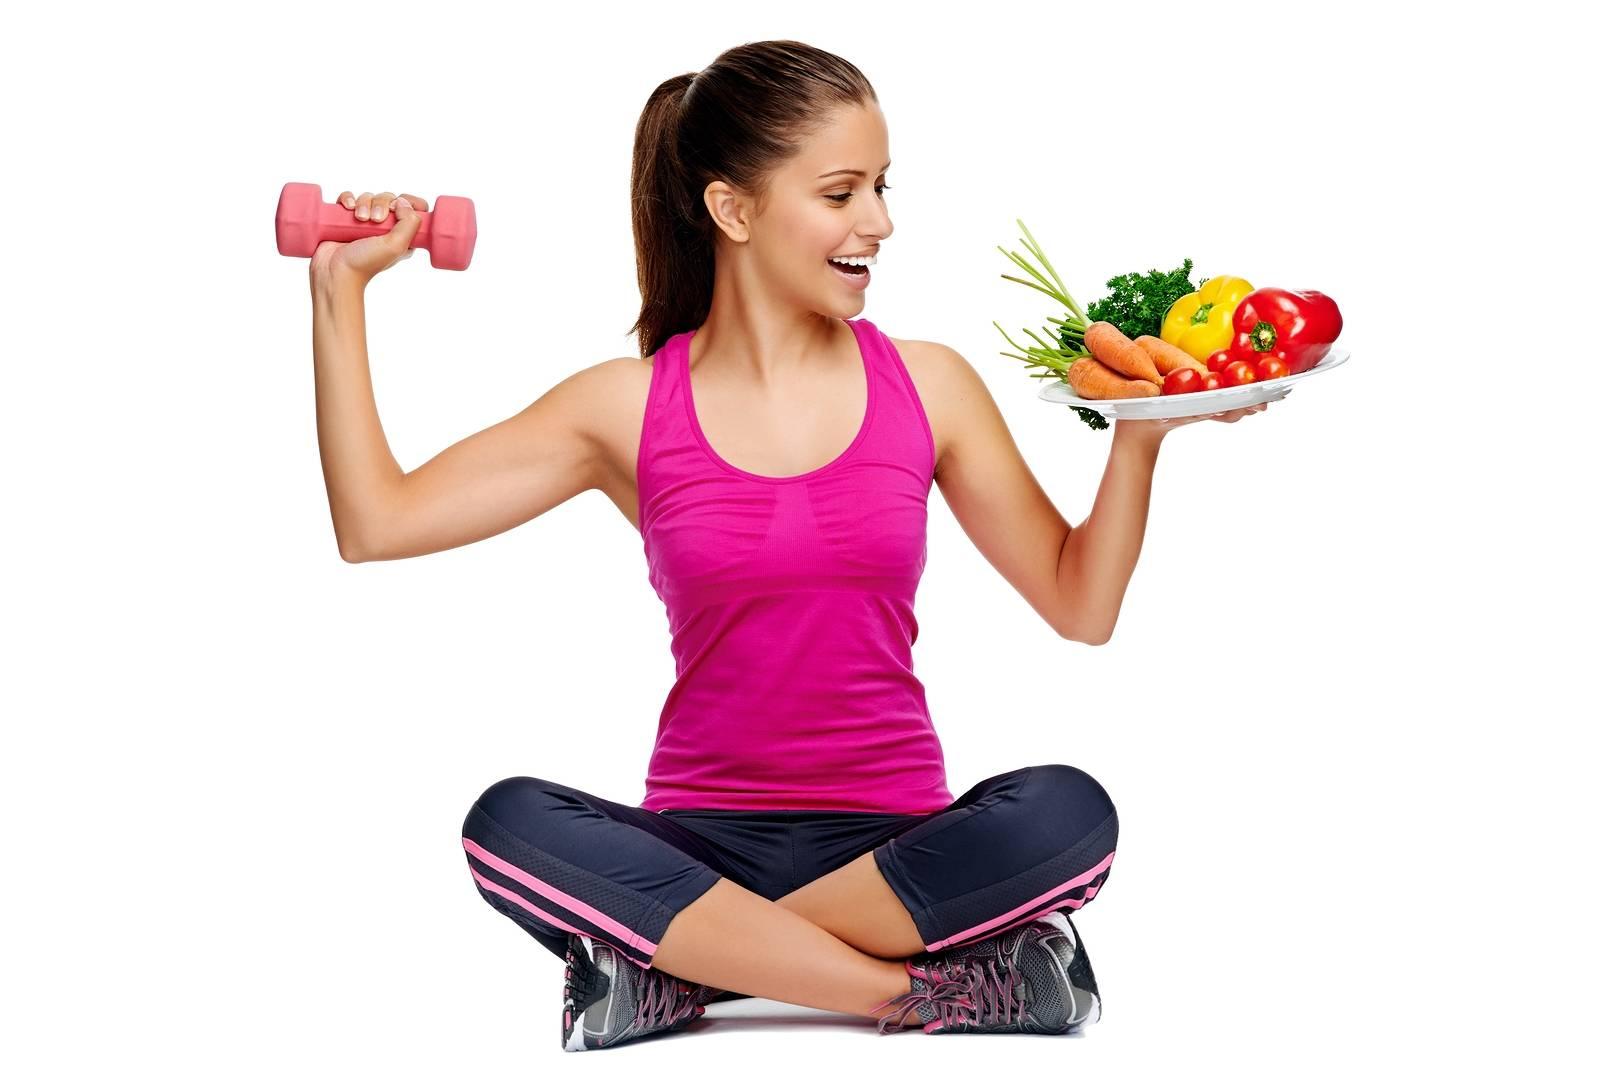 Правильное питание при тренировках для похудения: диета при занятии фитнесом